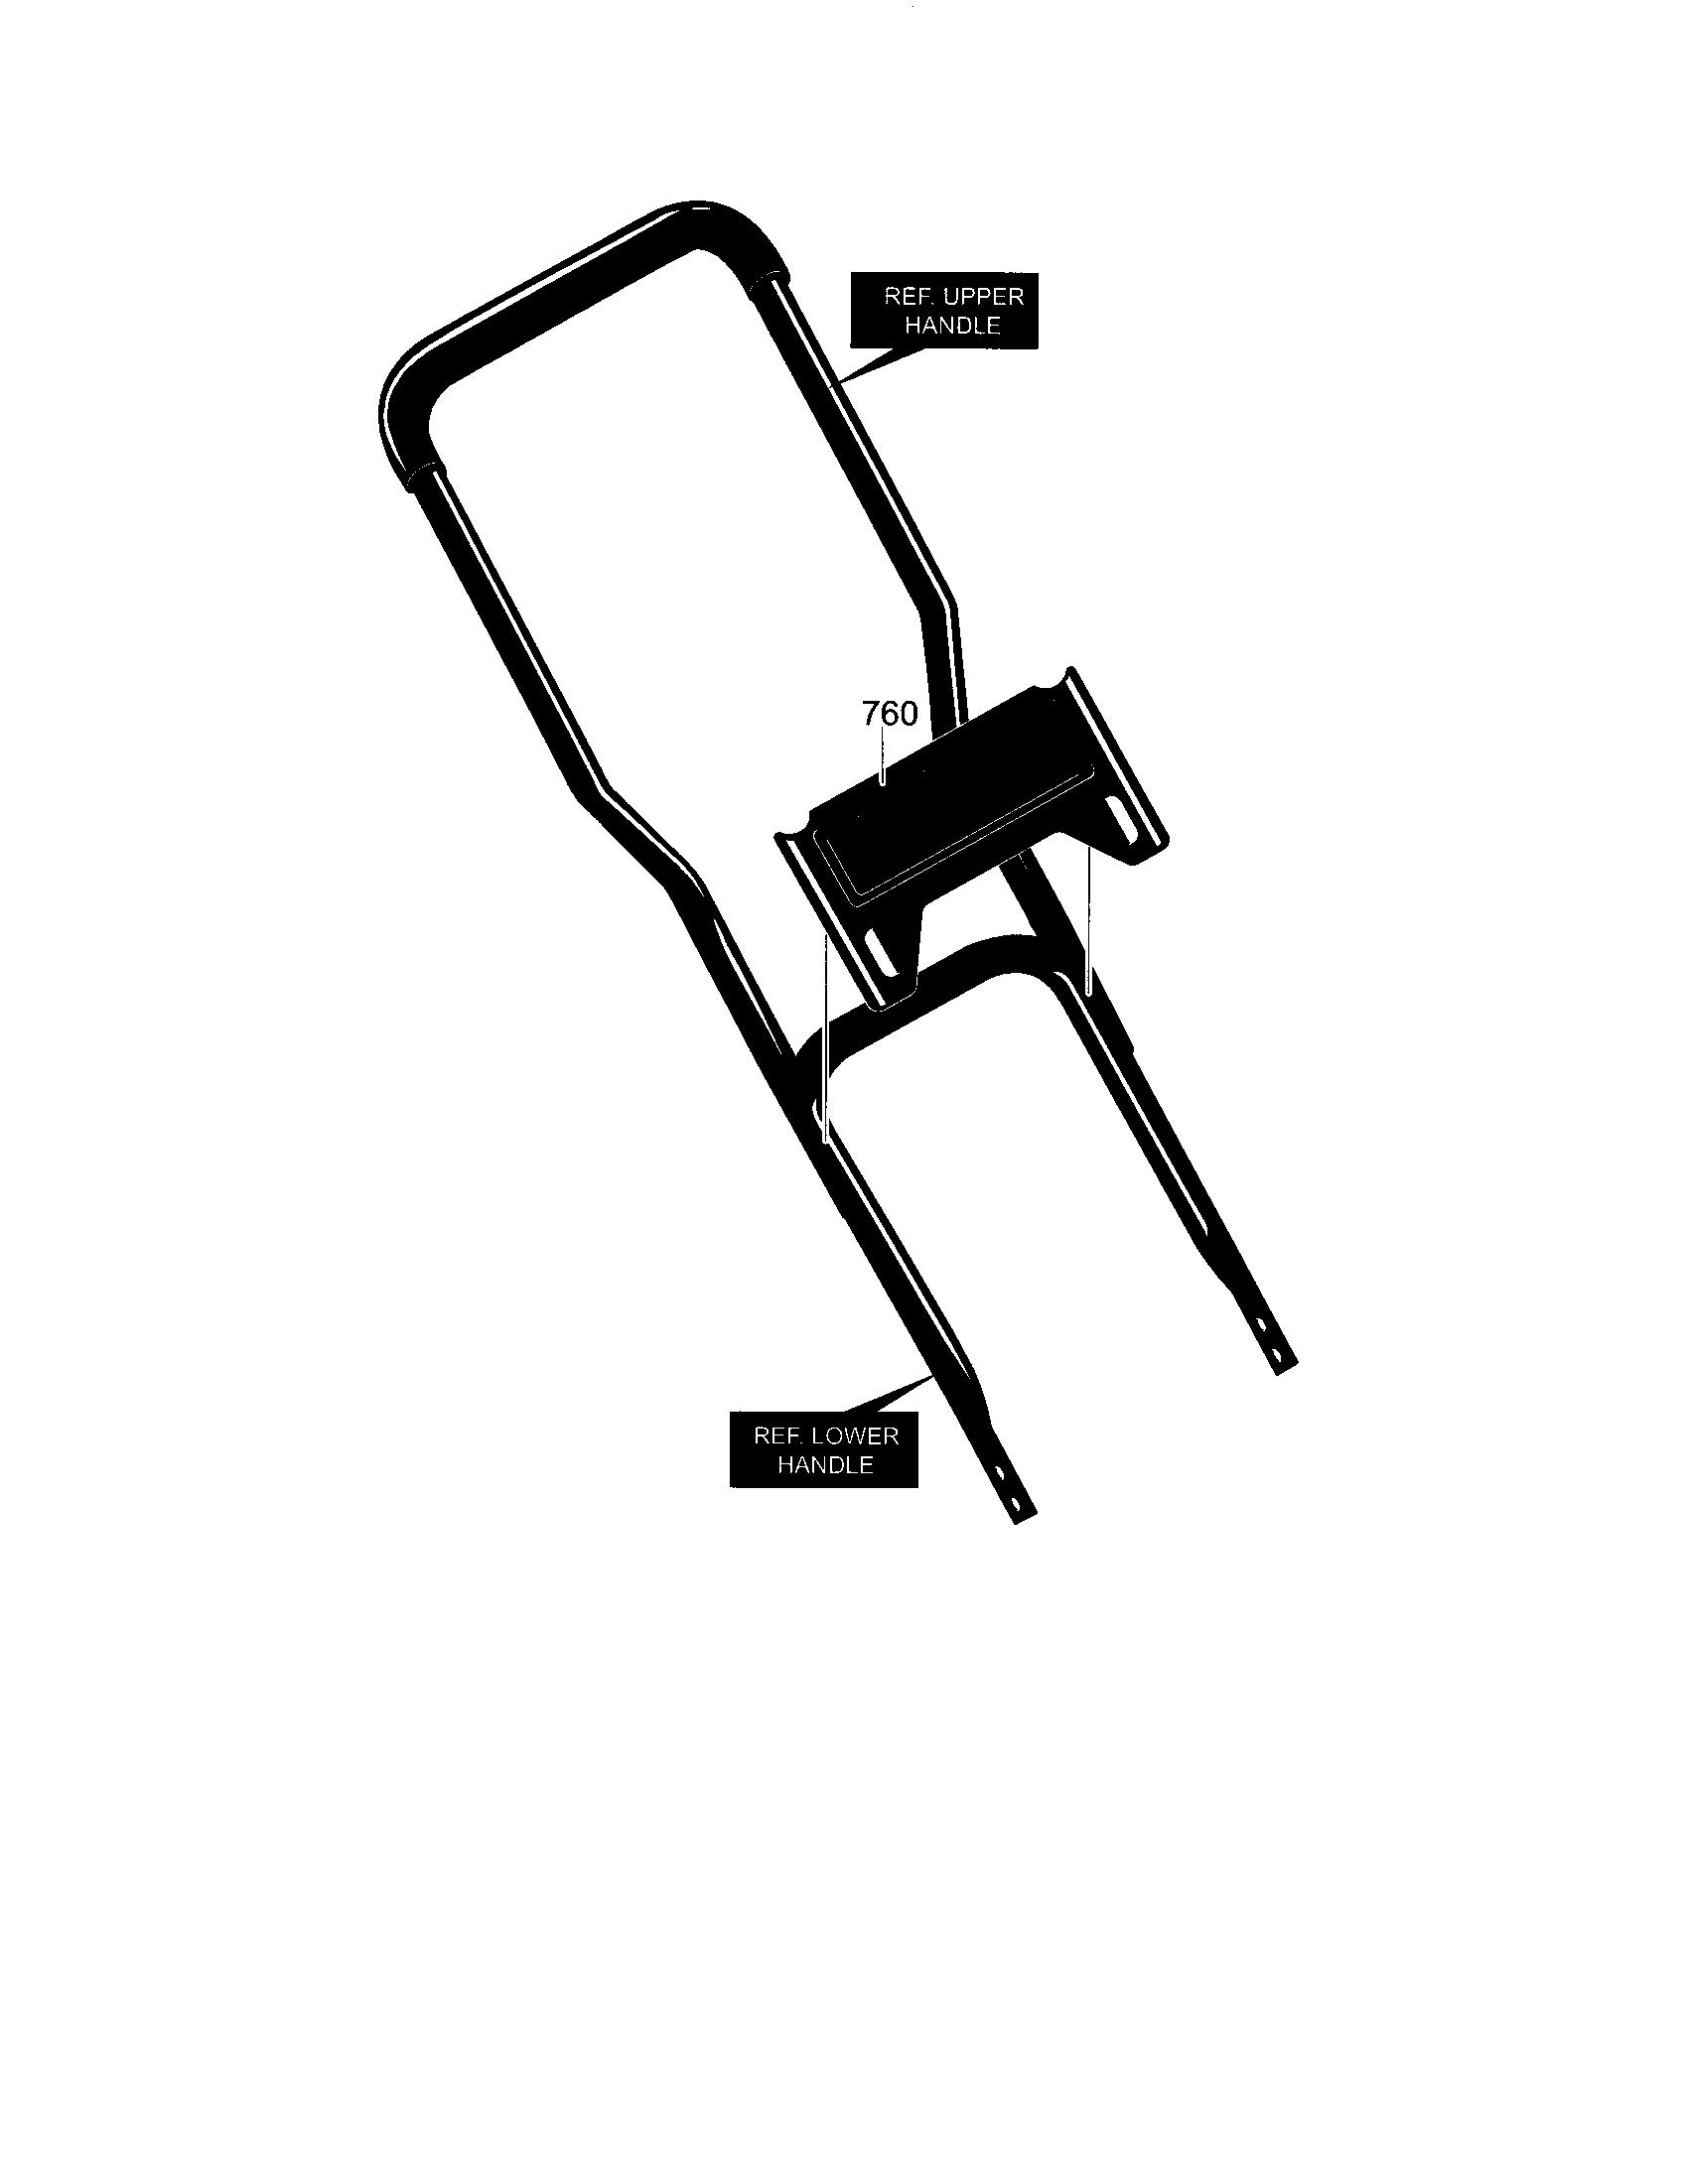 Husqvarna model LE389 edger genuine parts